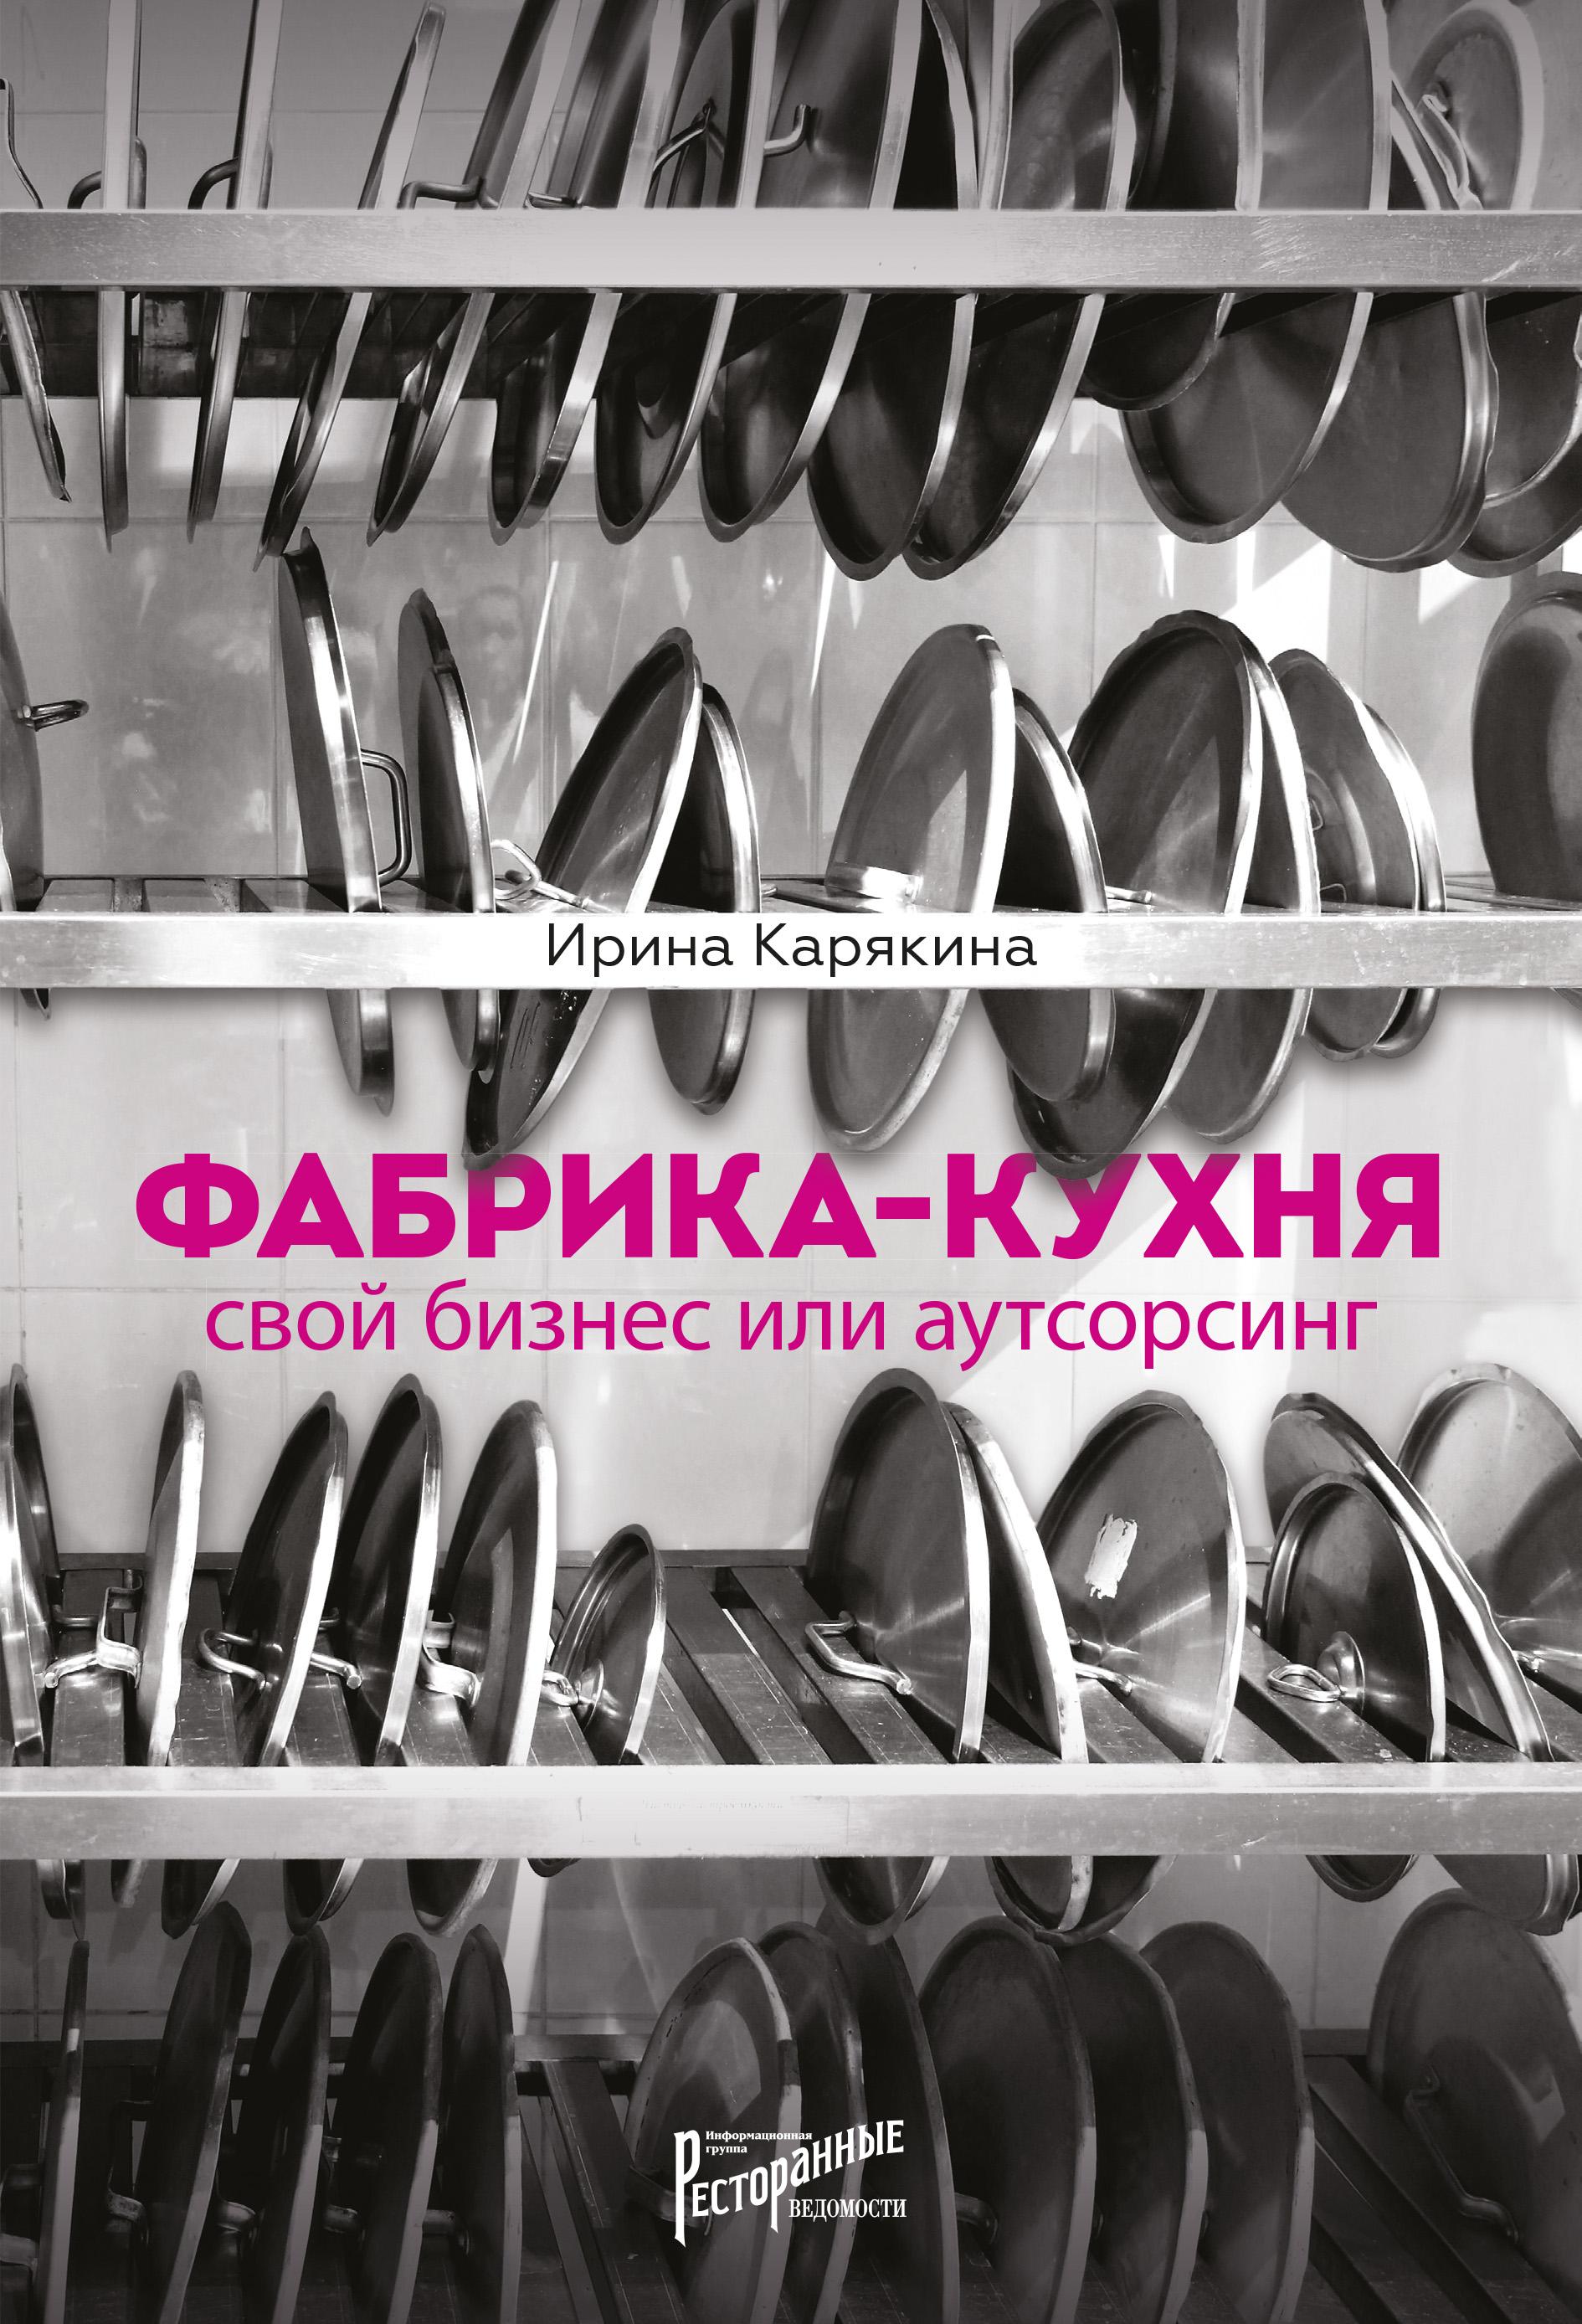 Купить книгу Фабрика-кухня: свой бизнес или аутсорсинг, автора Ирины Карякиной